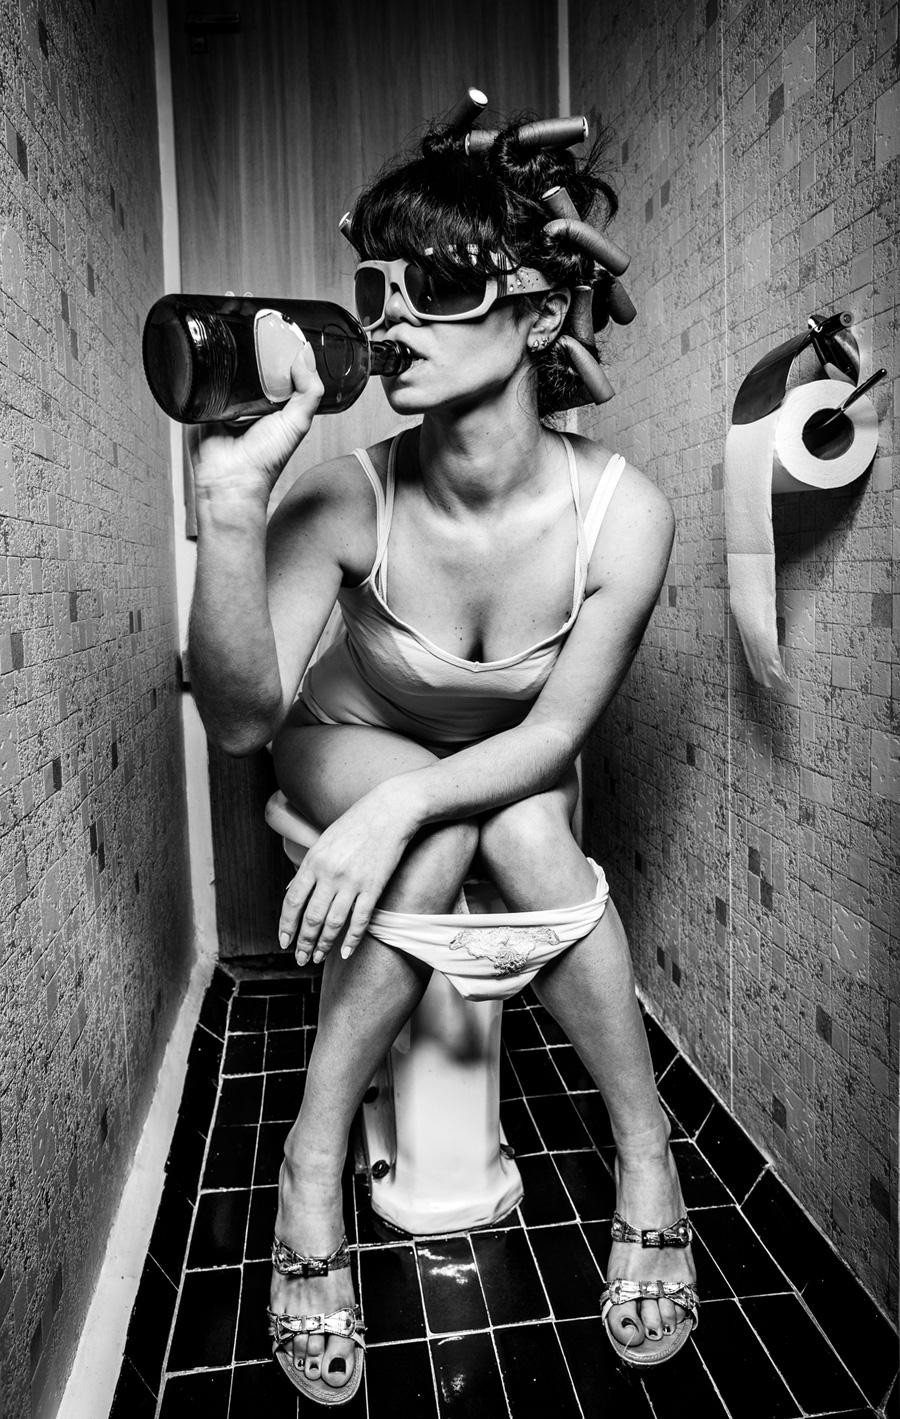 чувствовала креативные эротические фото женщина за туалетом должно совпасть оргазмом